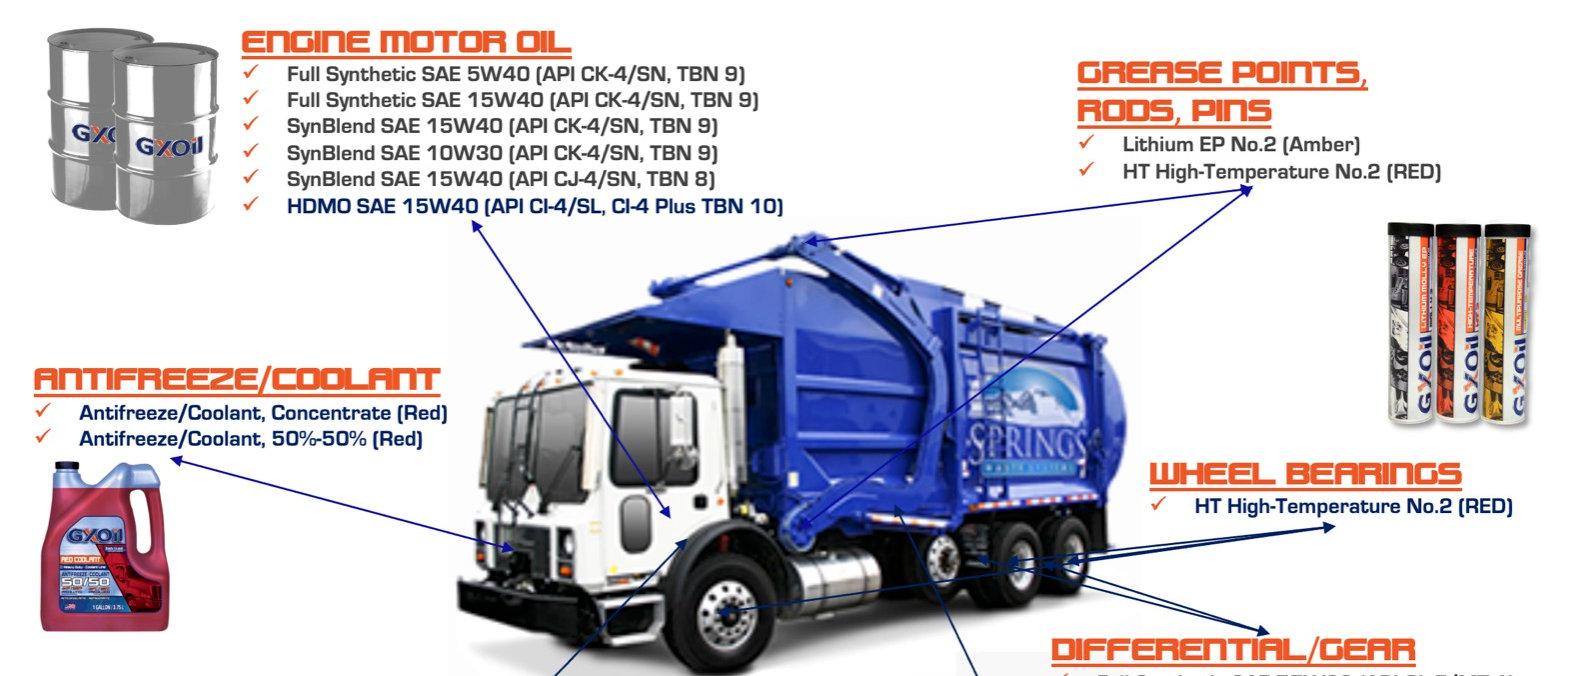 GXOil Waste Truck Service Lubrication Guide (2021).jpg